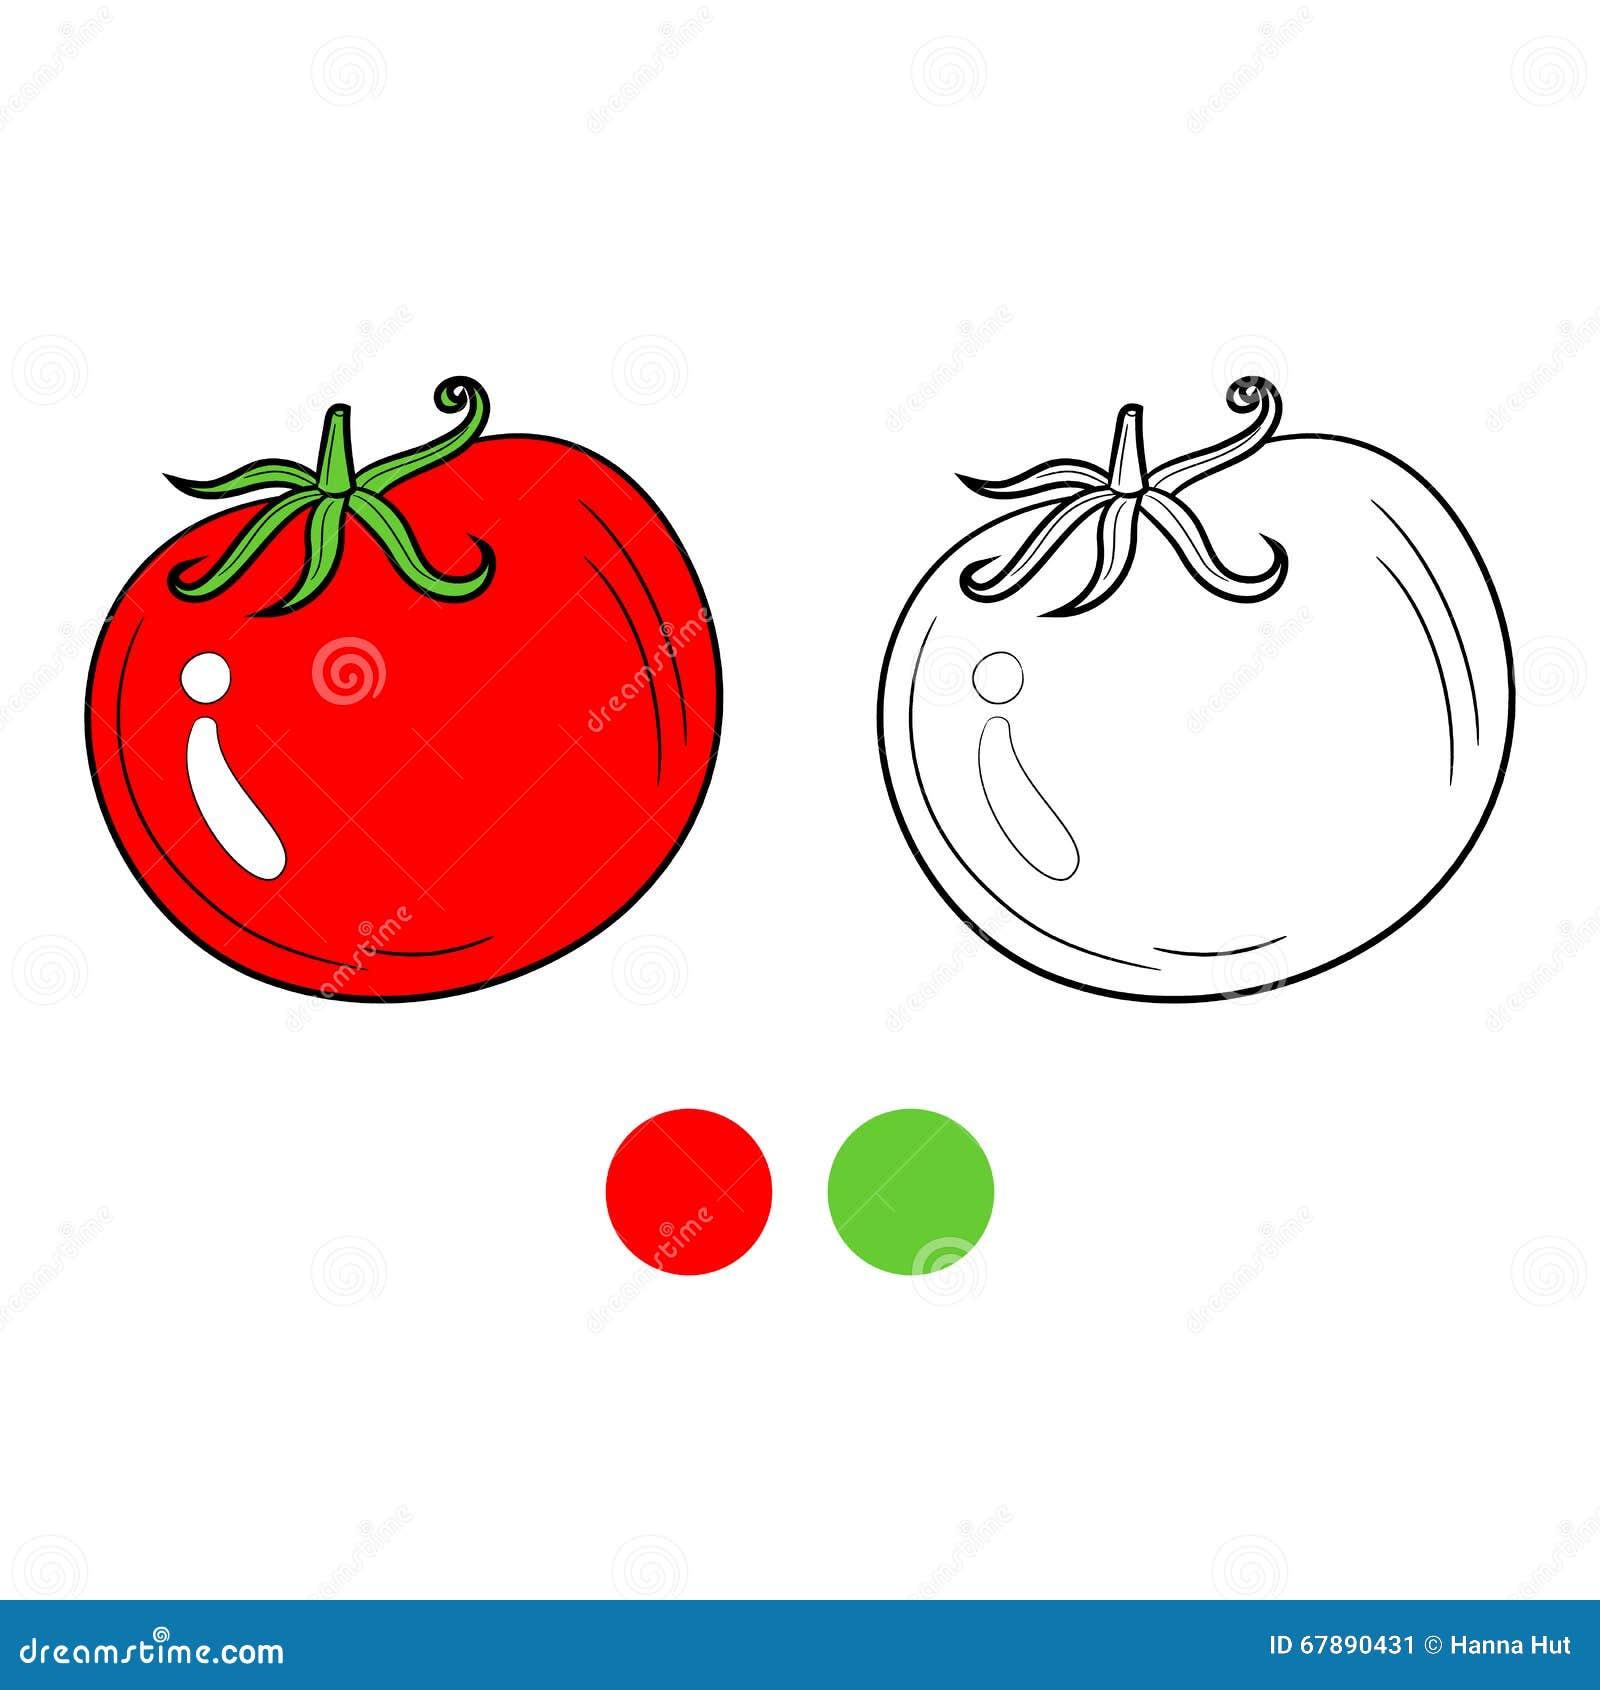 彩图蕃茄,比赛的孩子布局